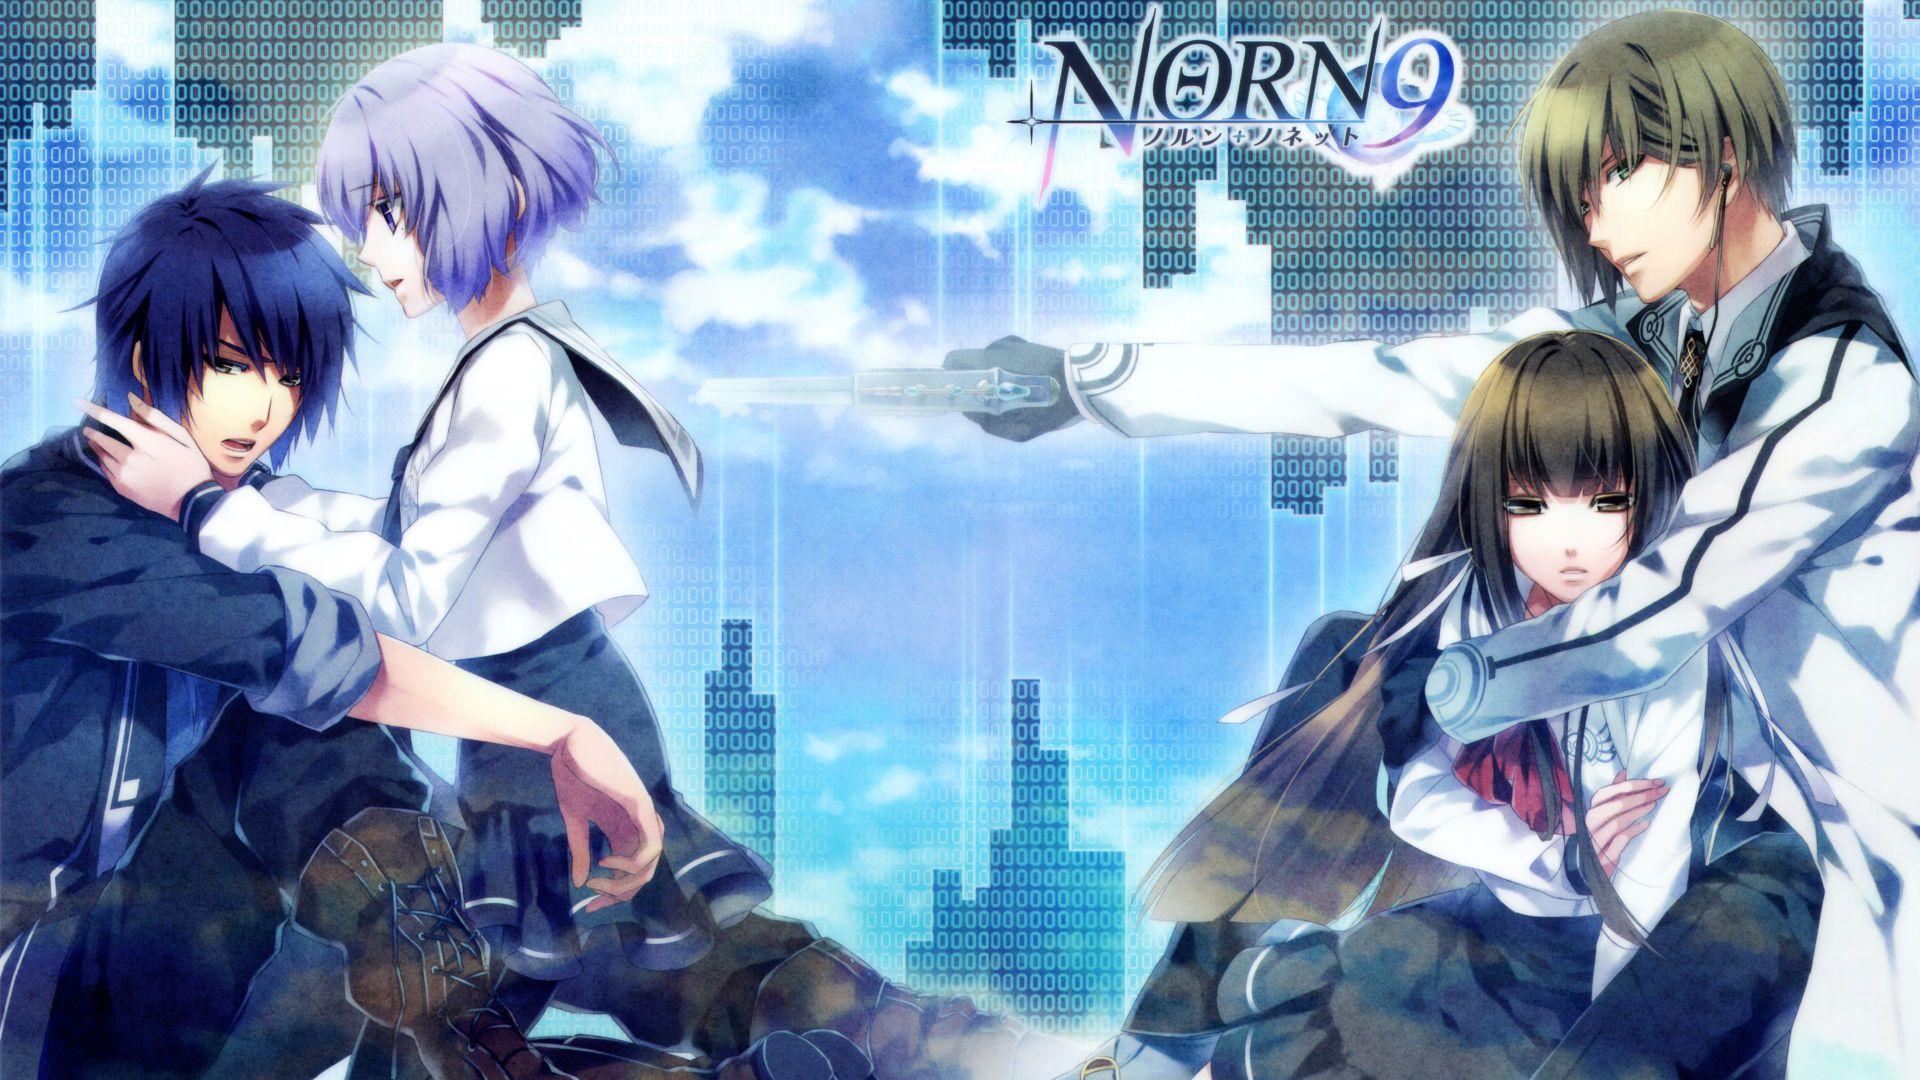 NORN9_ノルン+ノネット壁紙